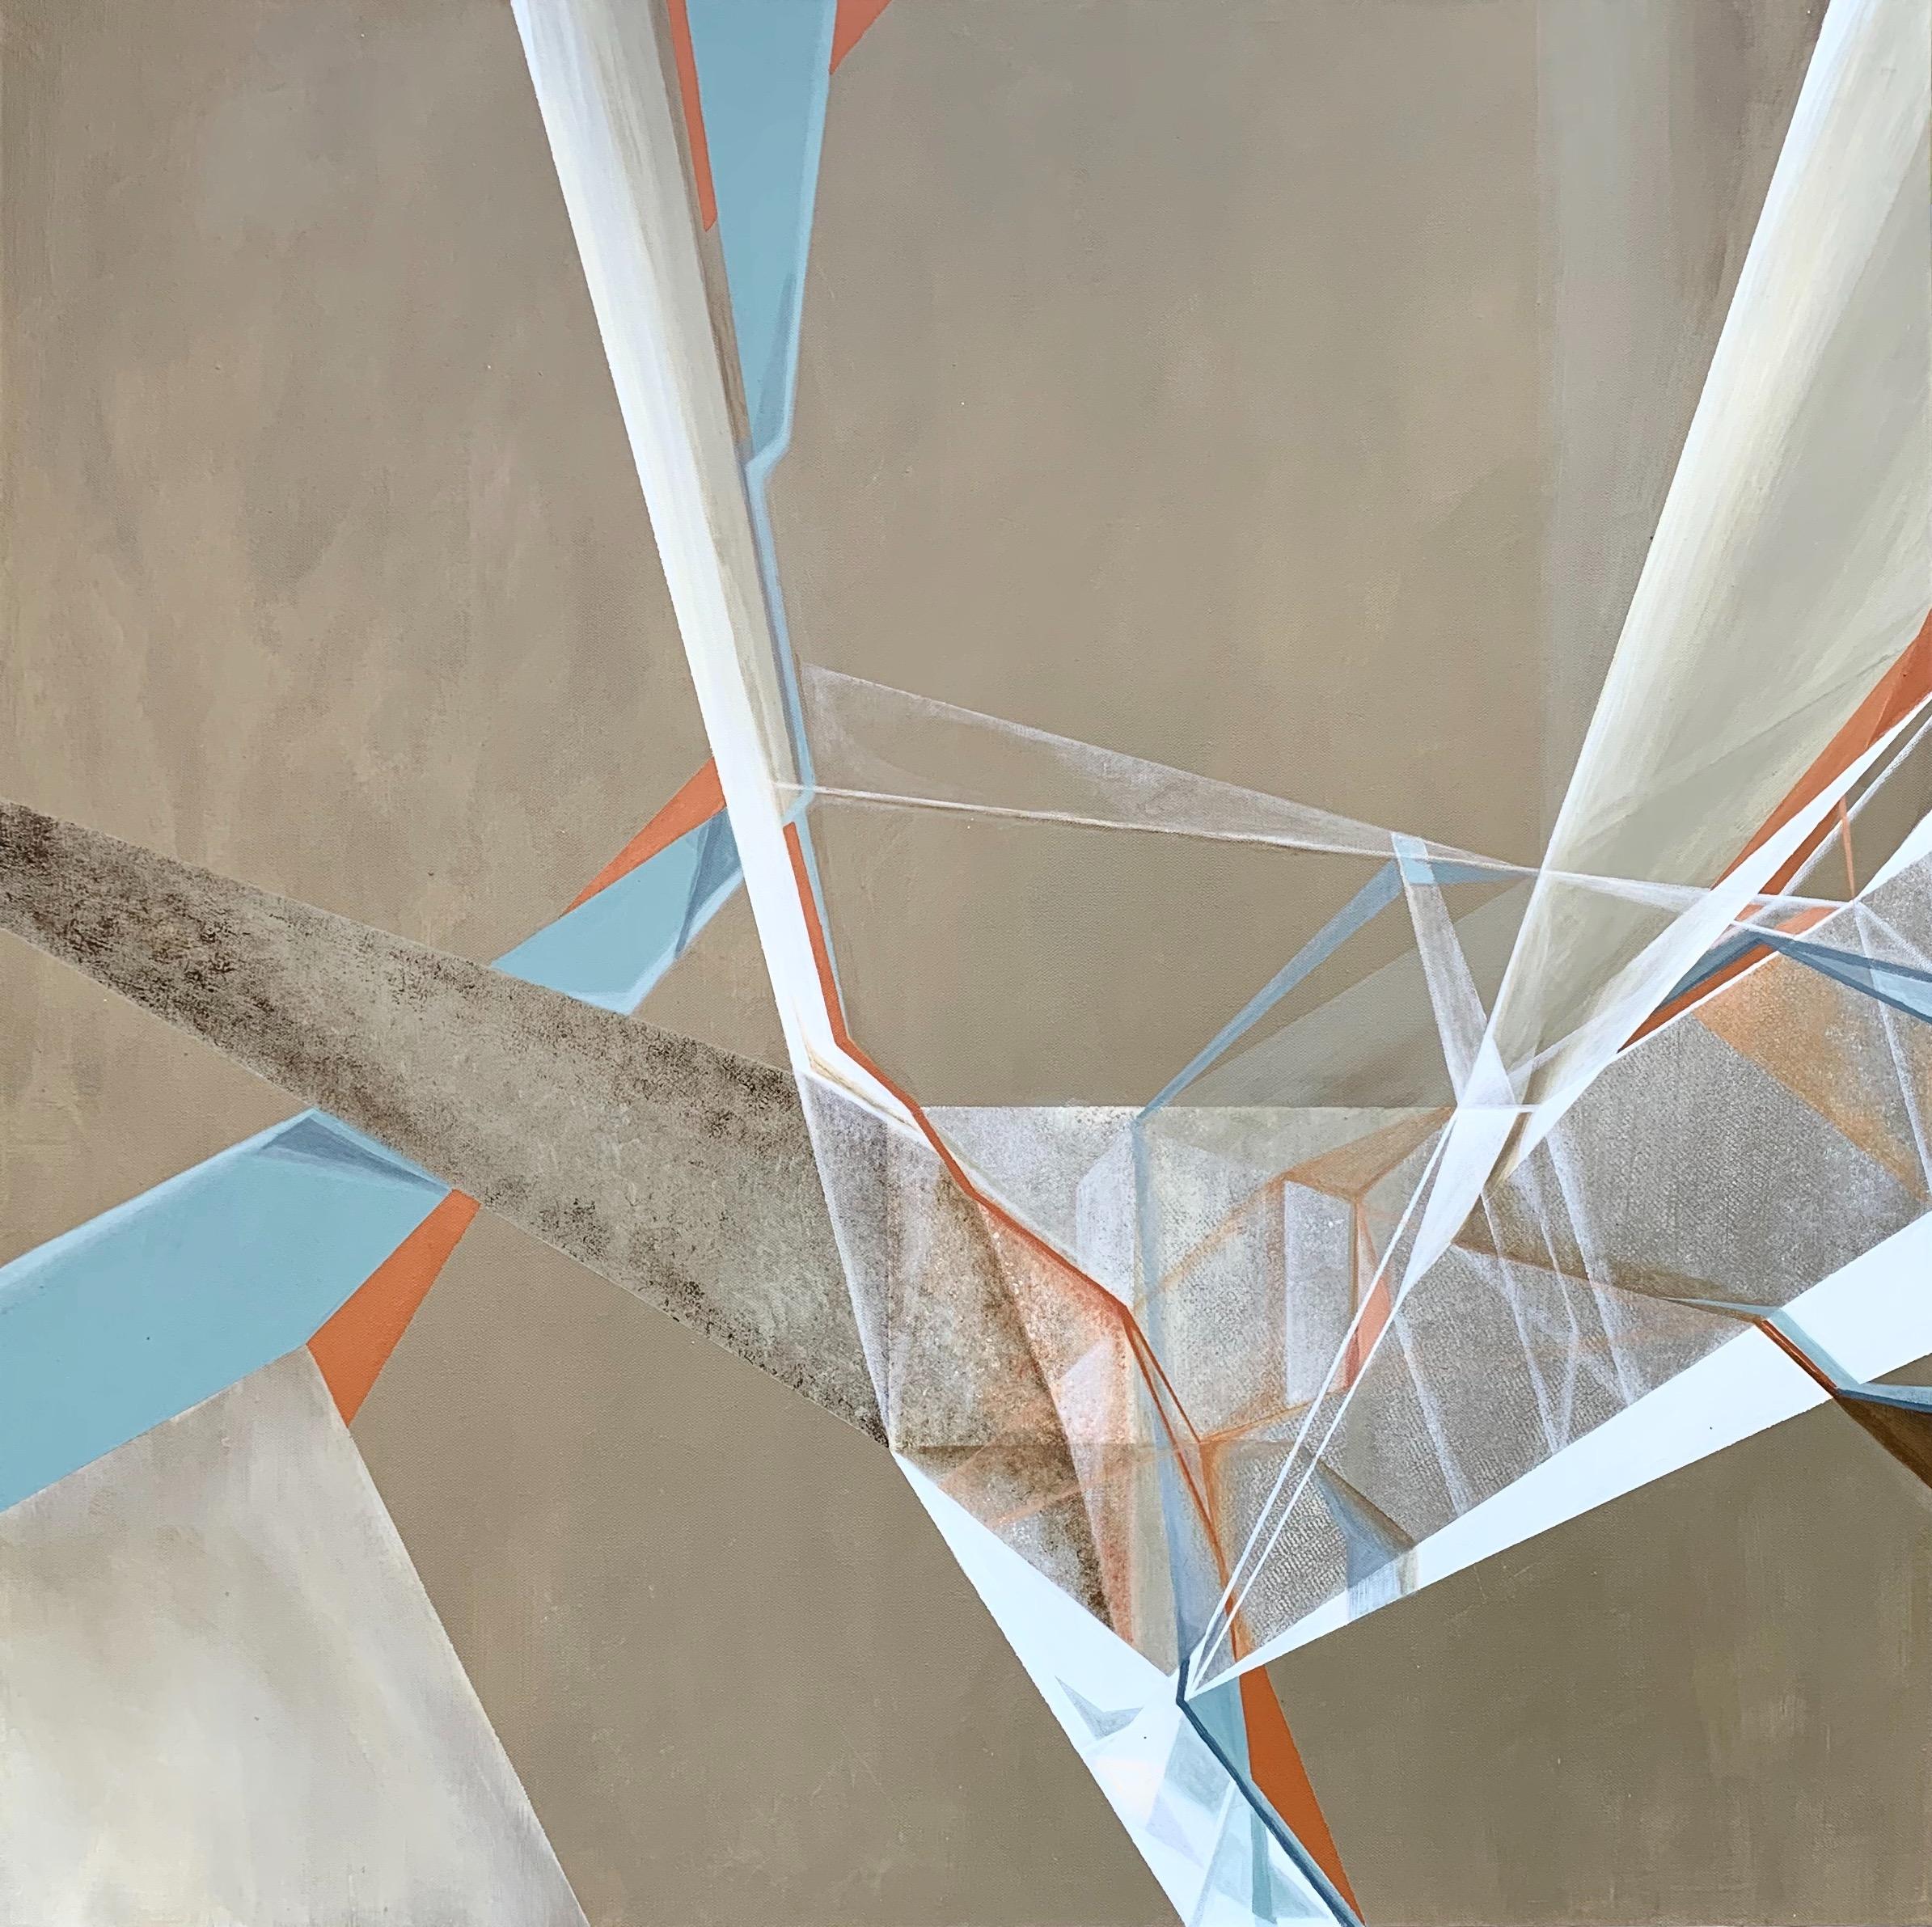 Boundaries #5 - Acrylic on canvas 36x36